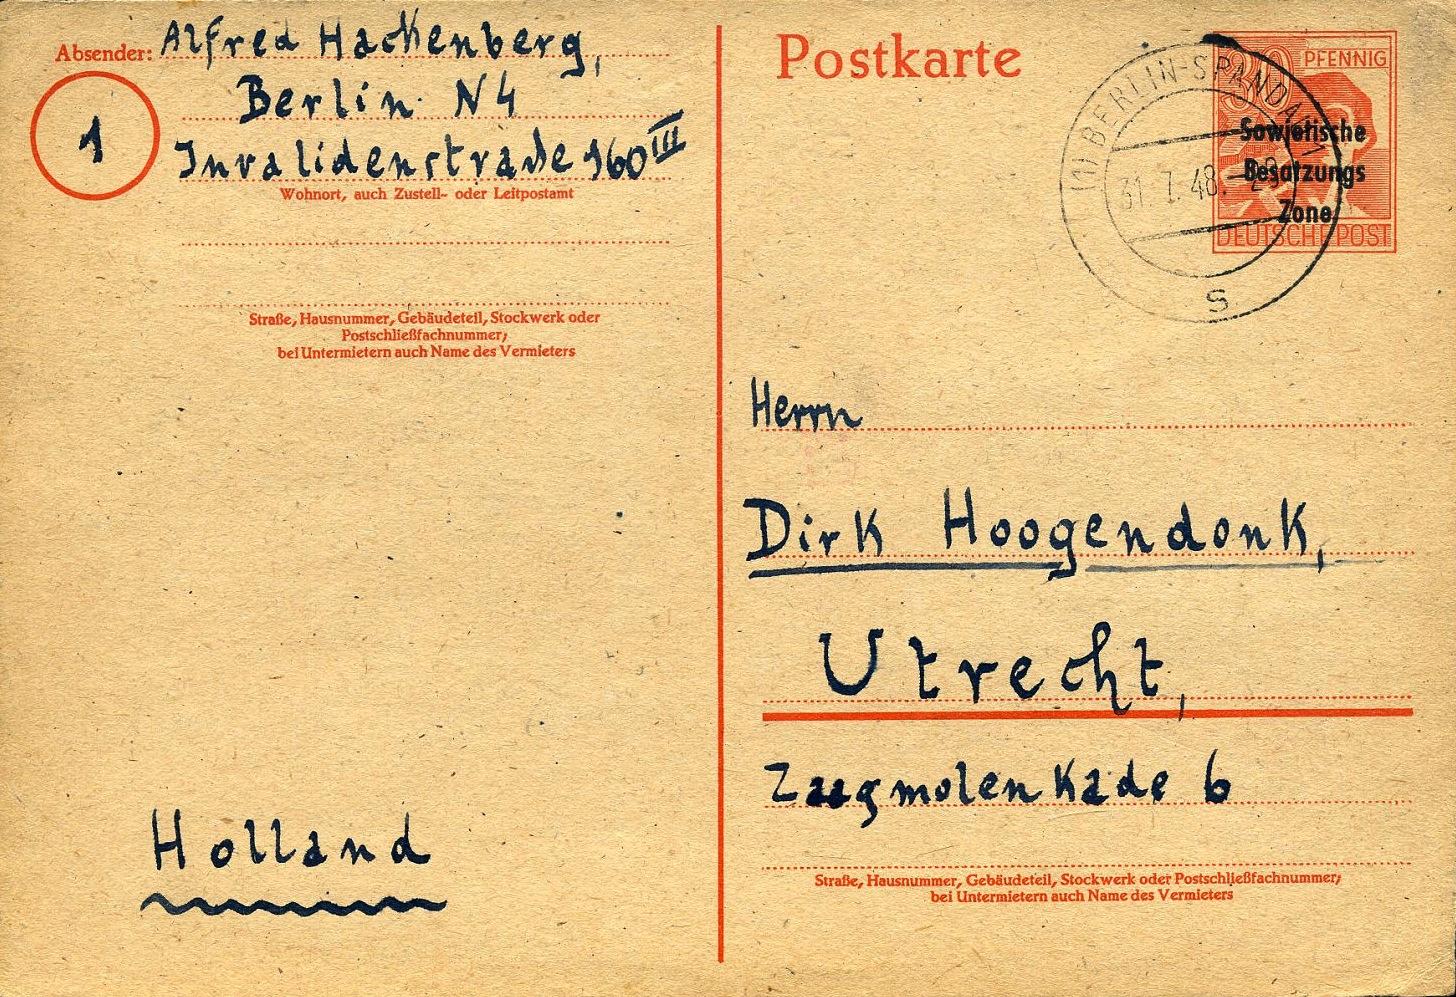 Europa Gewissenhaft Briefmarkenset Aus Niederland Mit 22 Briefmarken Niederlande & Kolonien